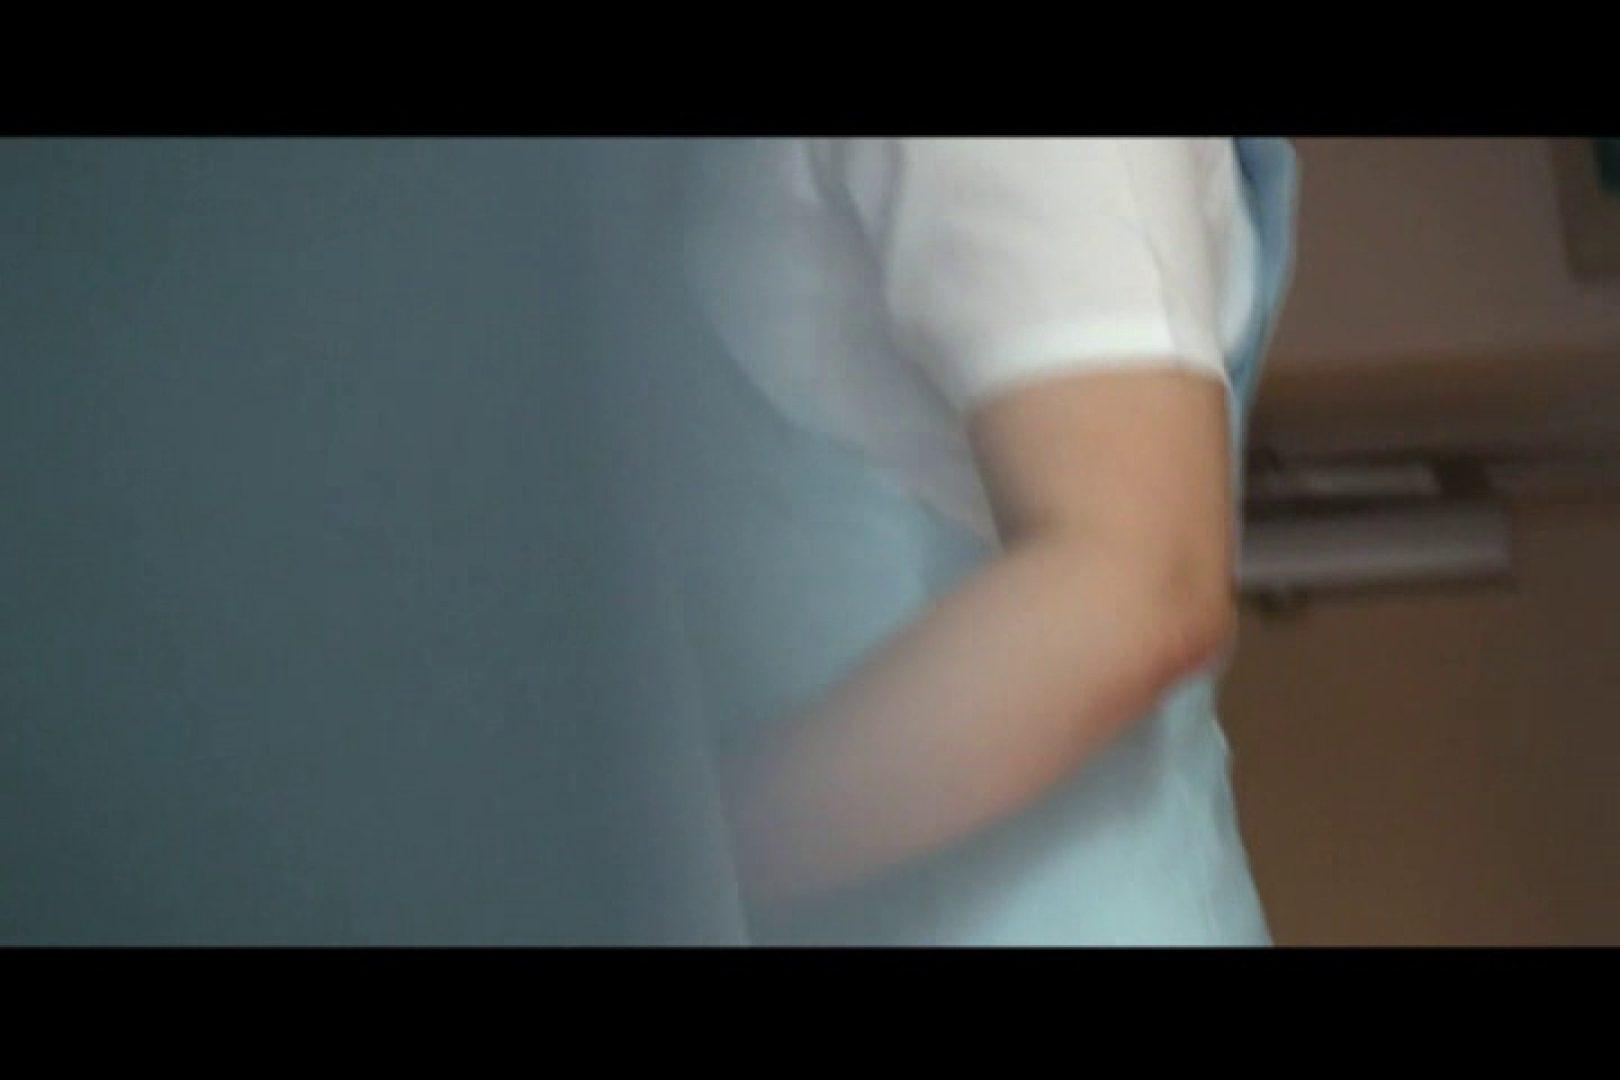 独占配信!無修正! 看護女子寮 vol.12 オナニーする女性たち 覗きおまんこ画像 67画像 18